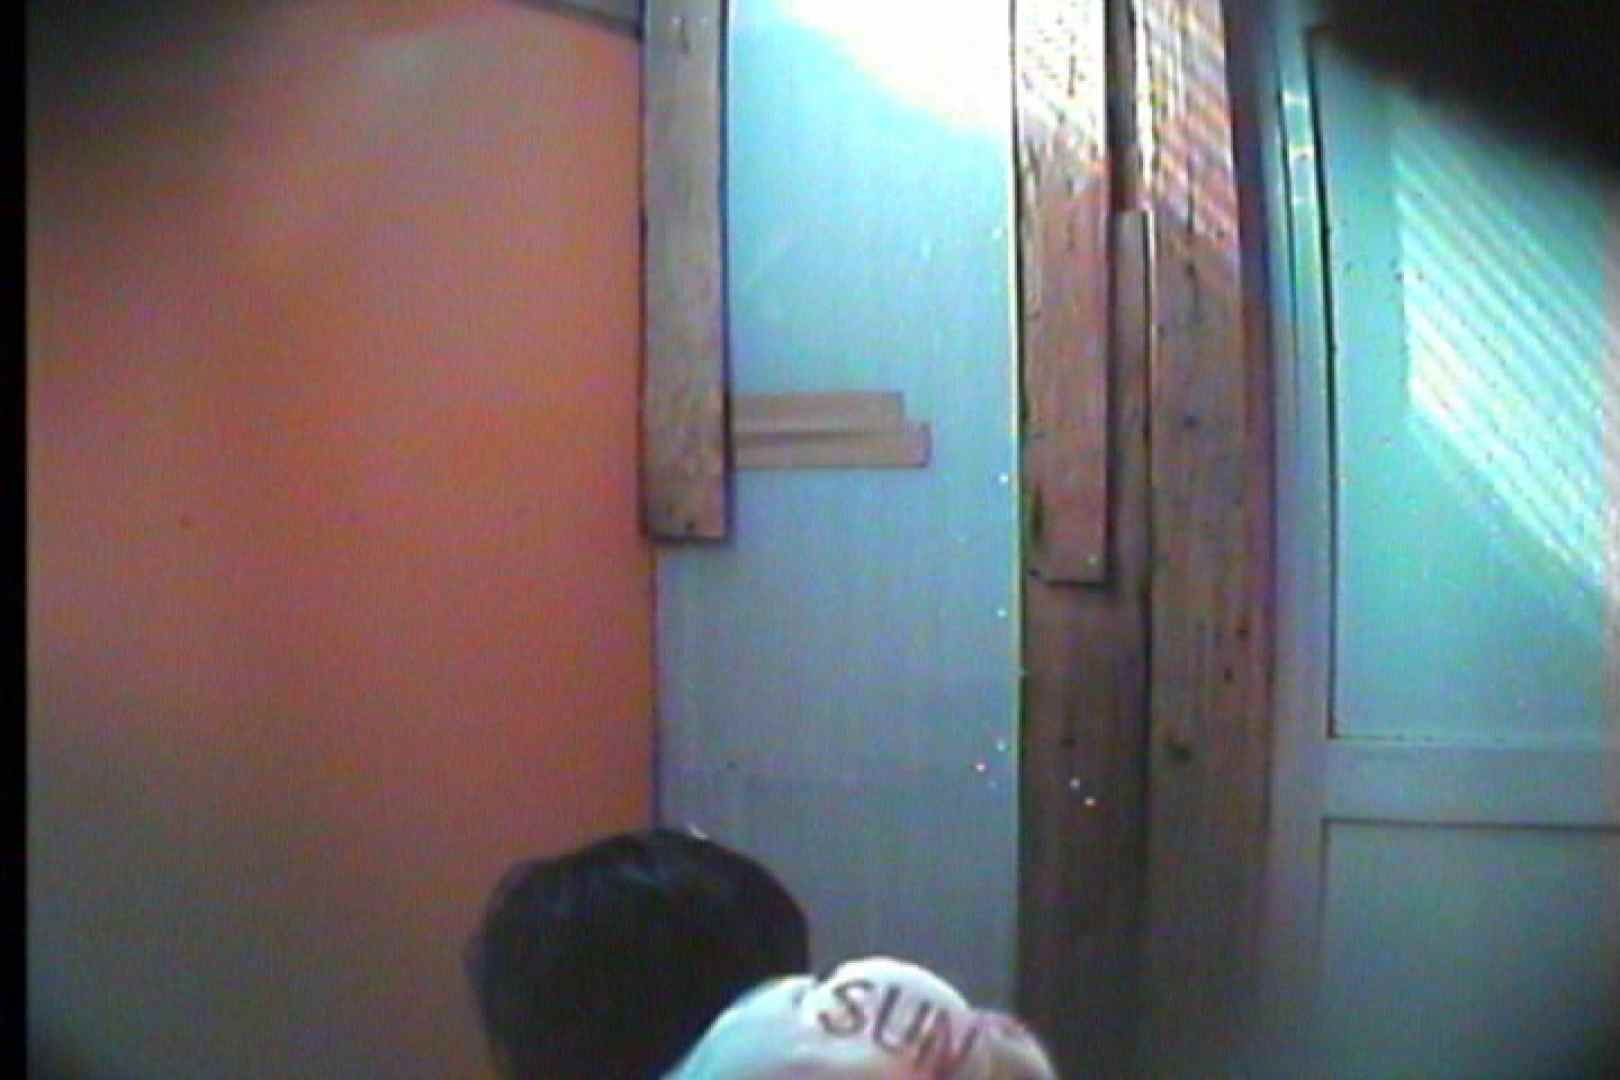 海の家の更衣室 Vol.17 美女 AV無料動画キャプチャ 100画像 12